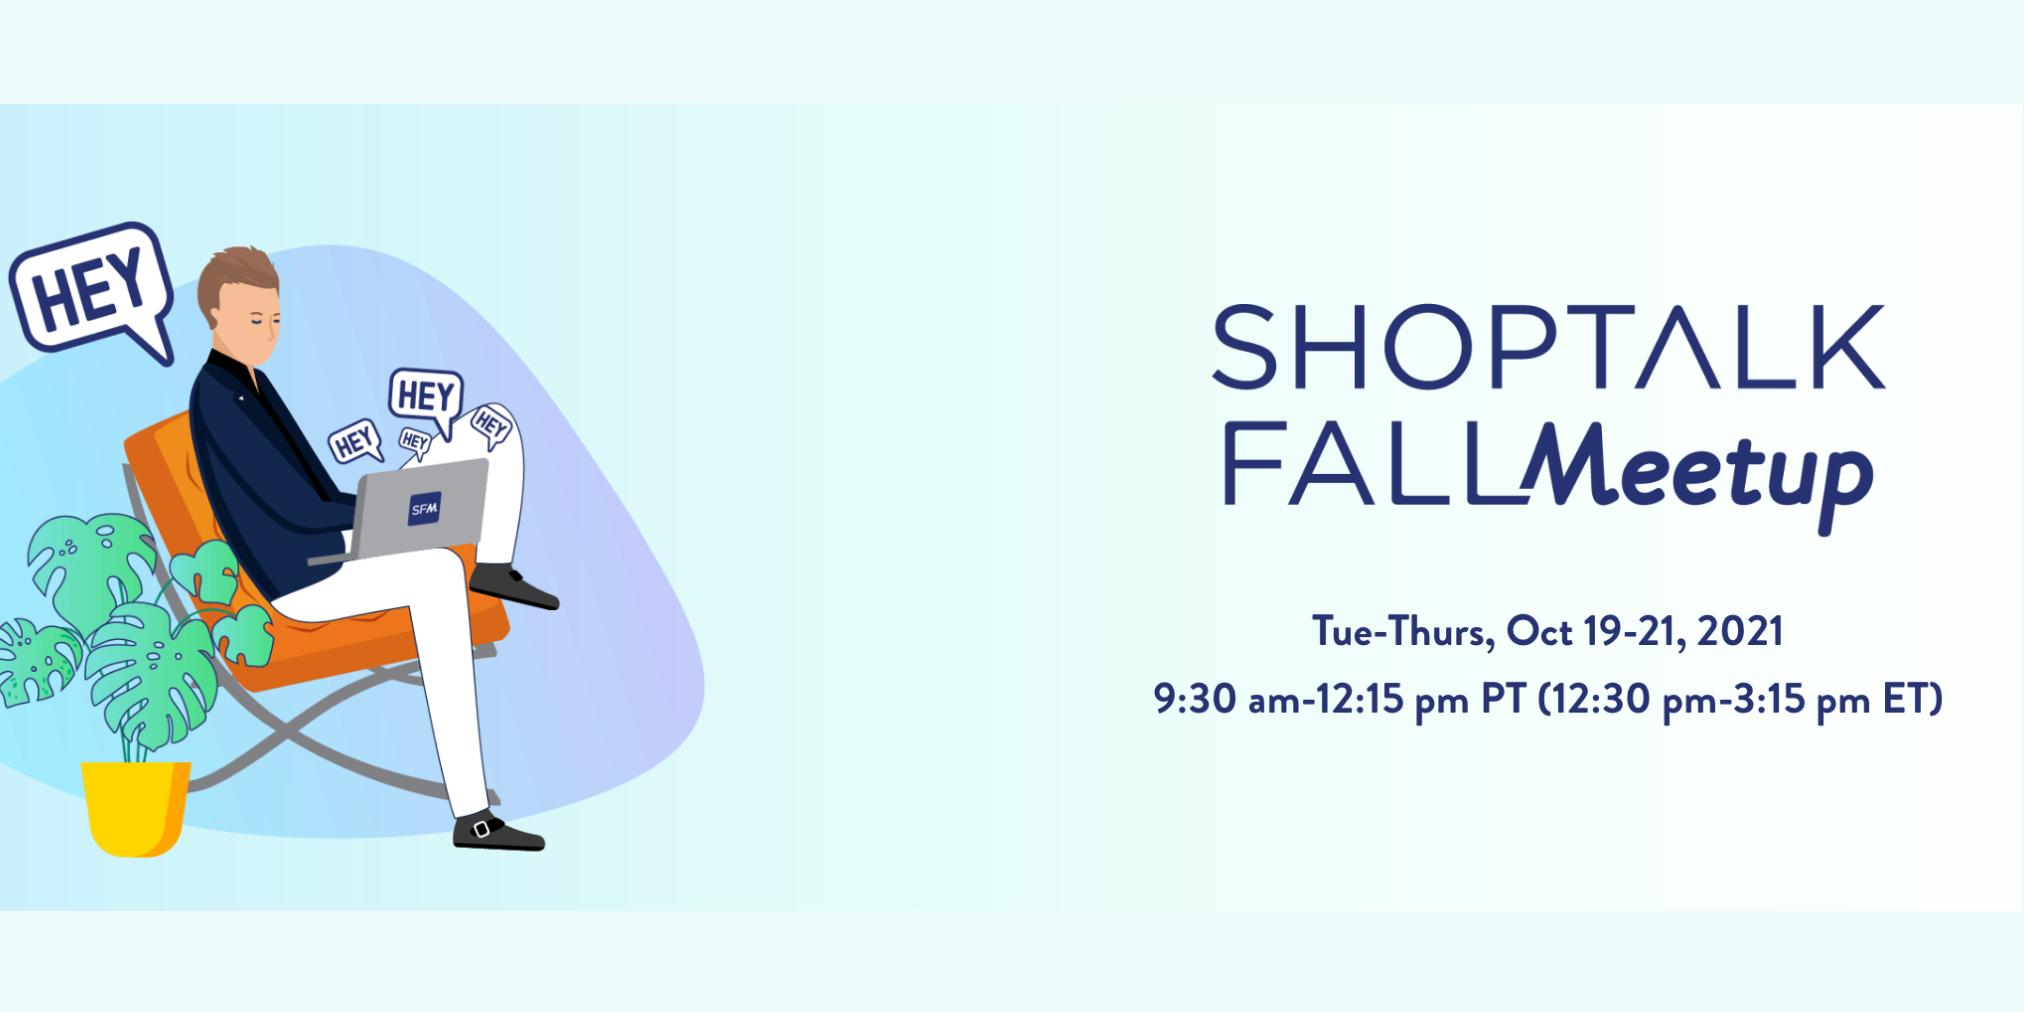 Shoptalk-Fall-Meetup